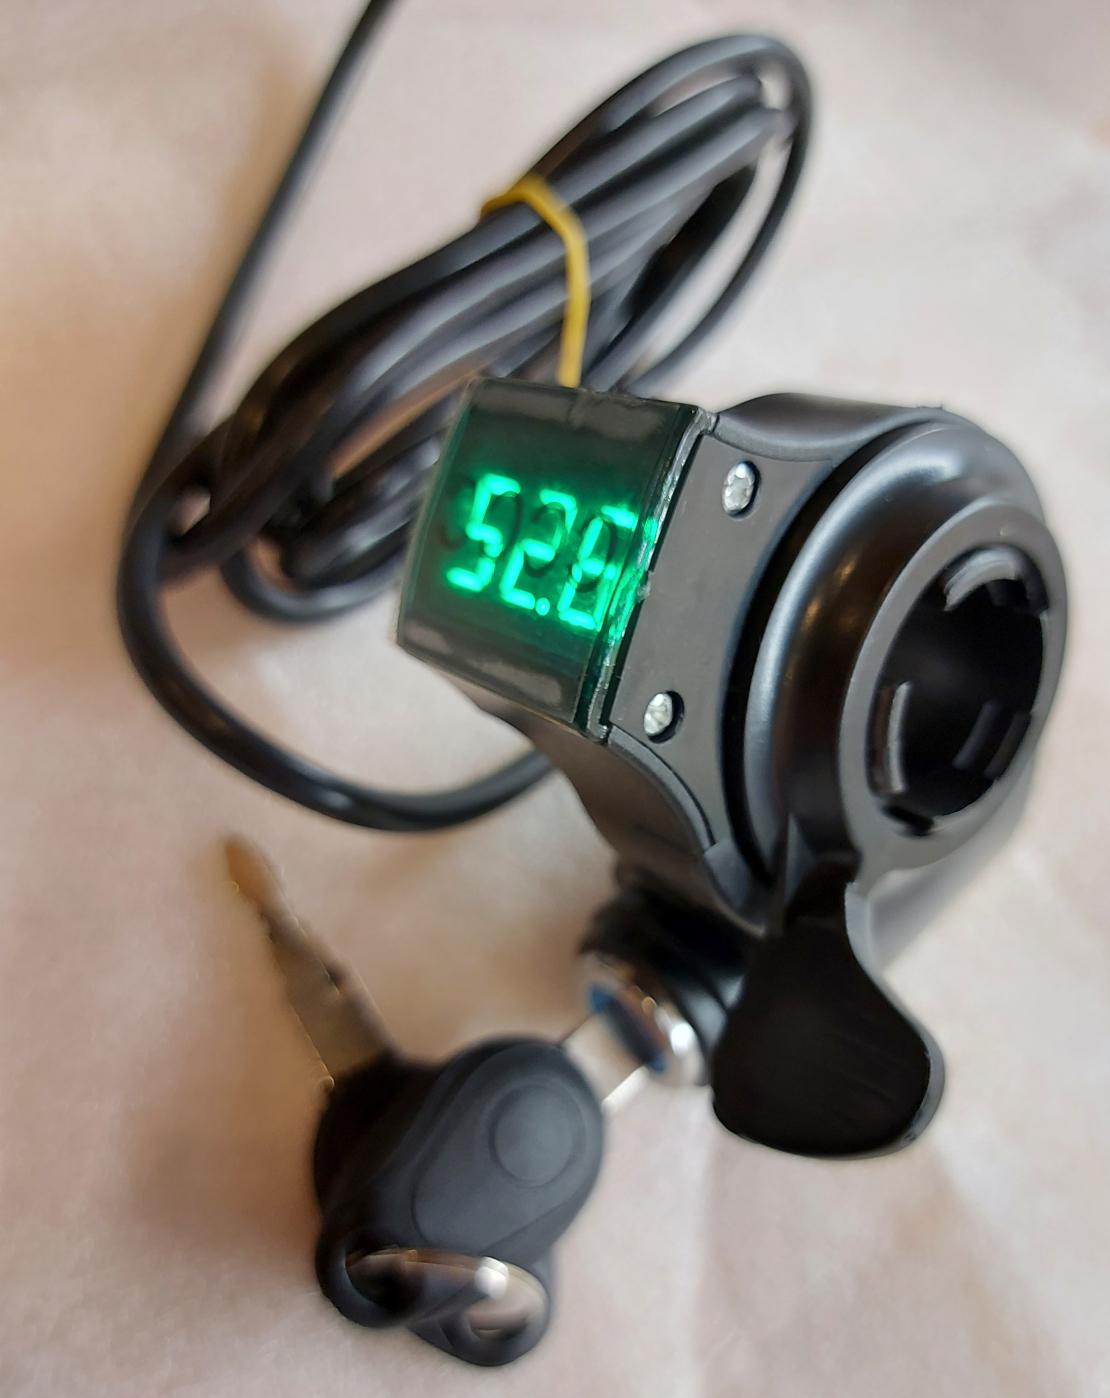 Клавиша-газа вольтметр (24v-99v), правого исполнения с ключом включения выключения контроллера для электровелосипеда, электросамоката.